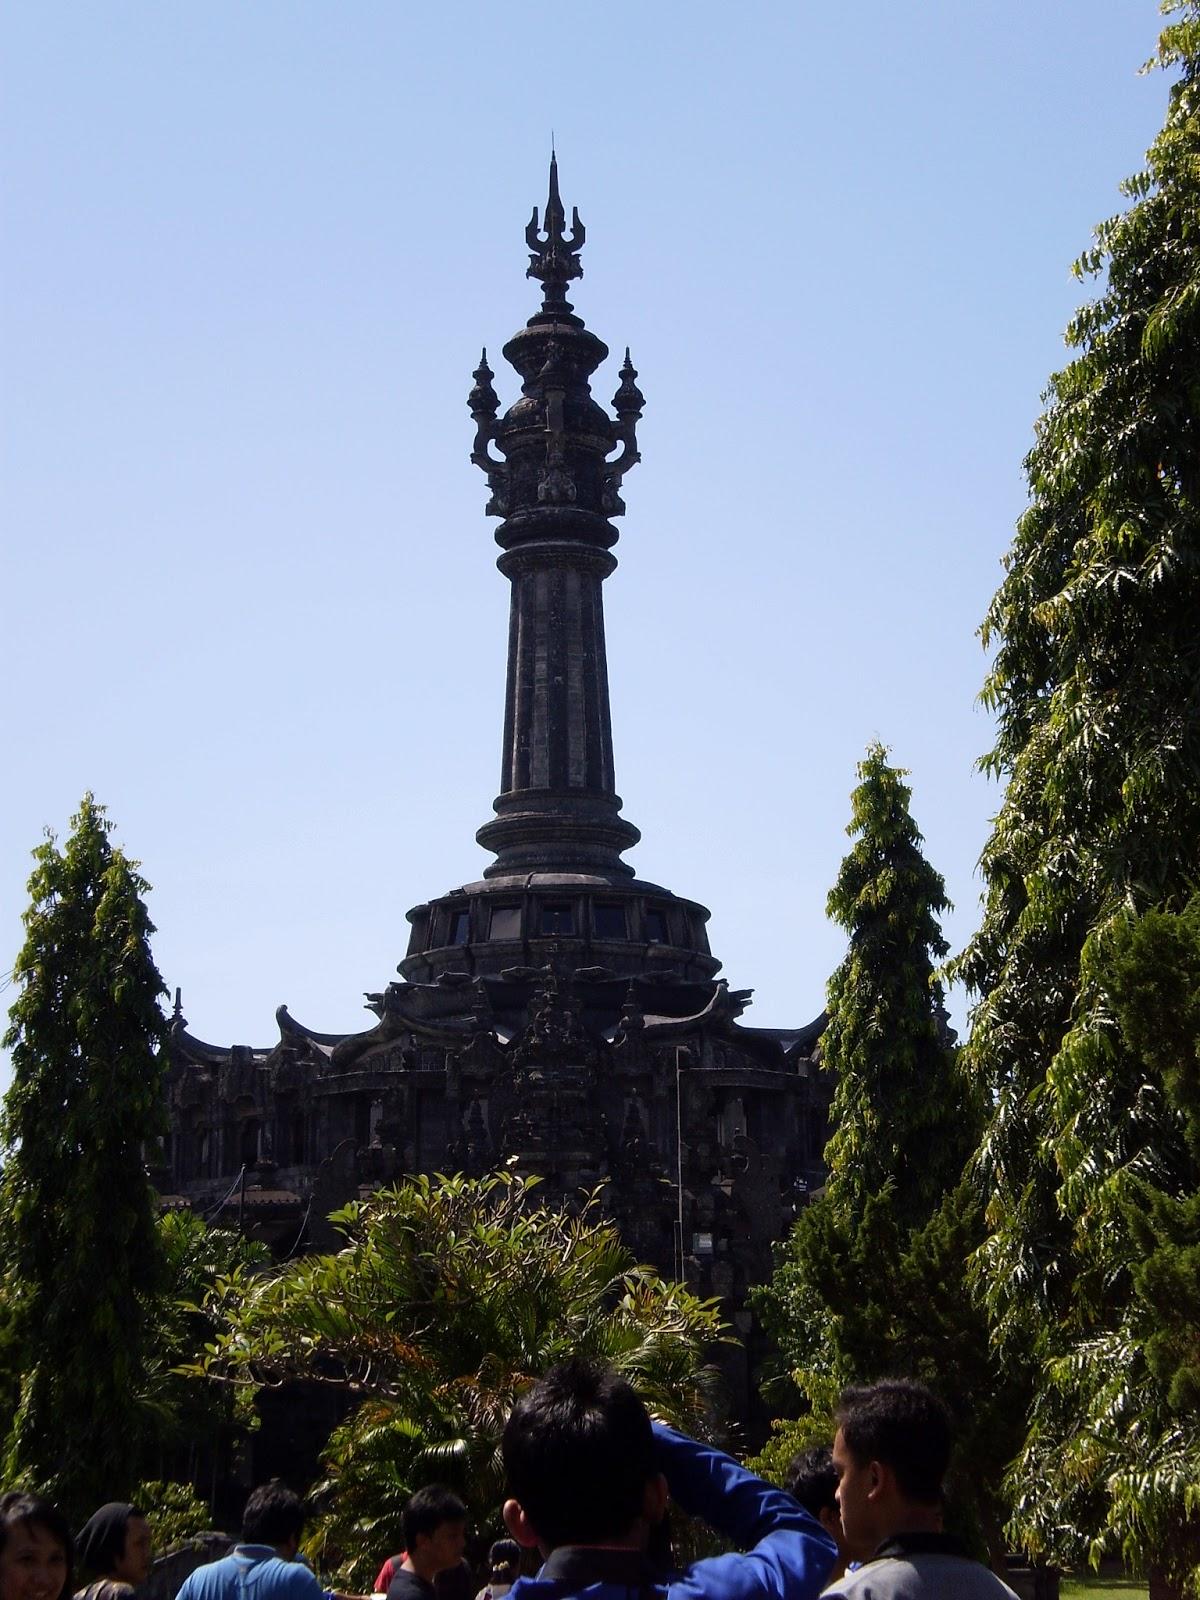 Pecidasase Menjelajah Bajra Sandi Monumen Perjuangan Rakyat Bali Terletak Renon